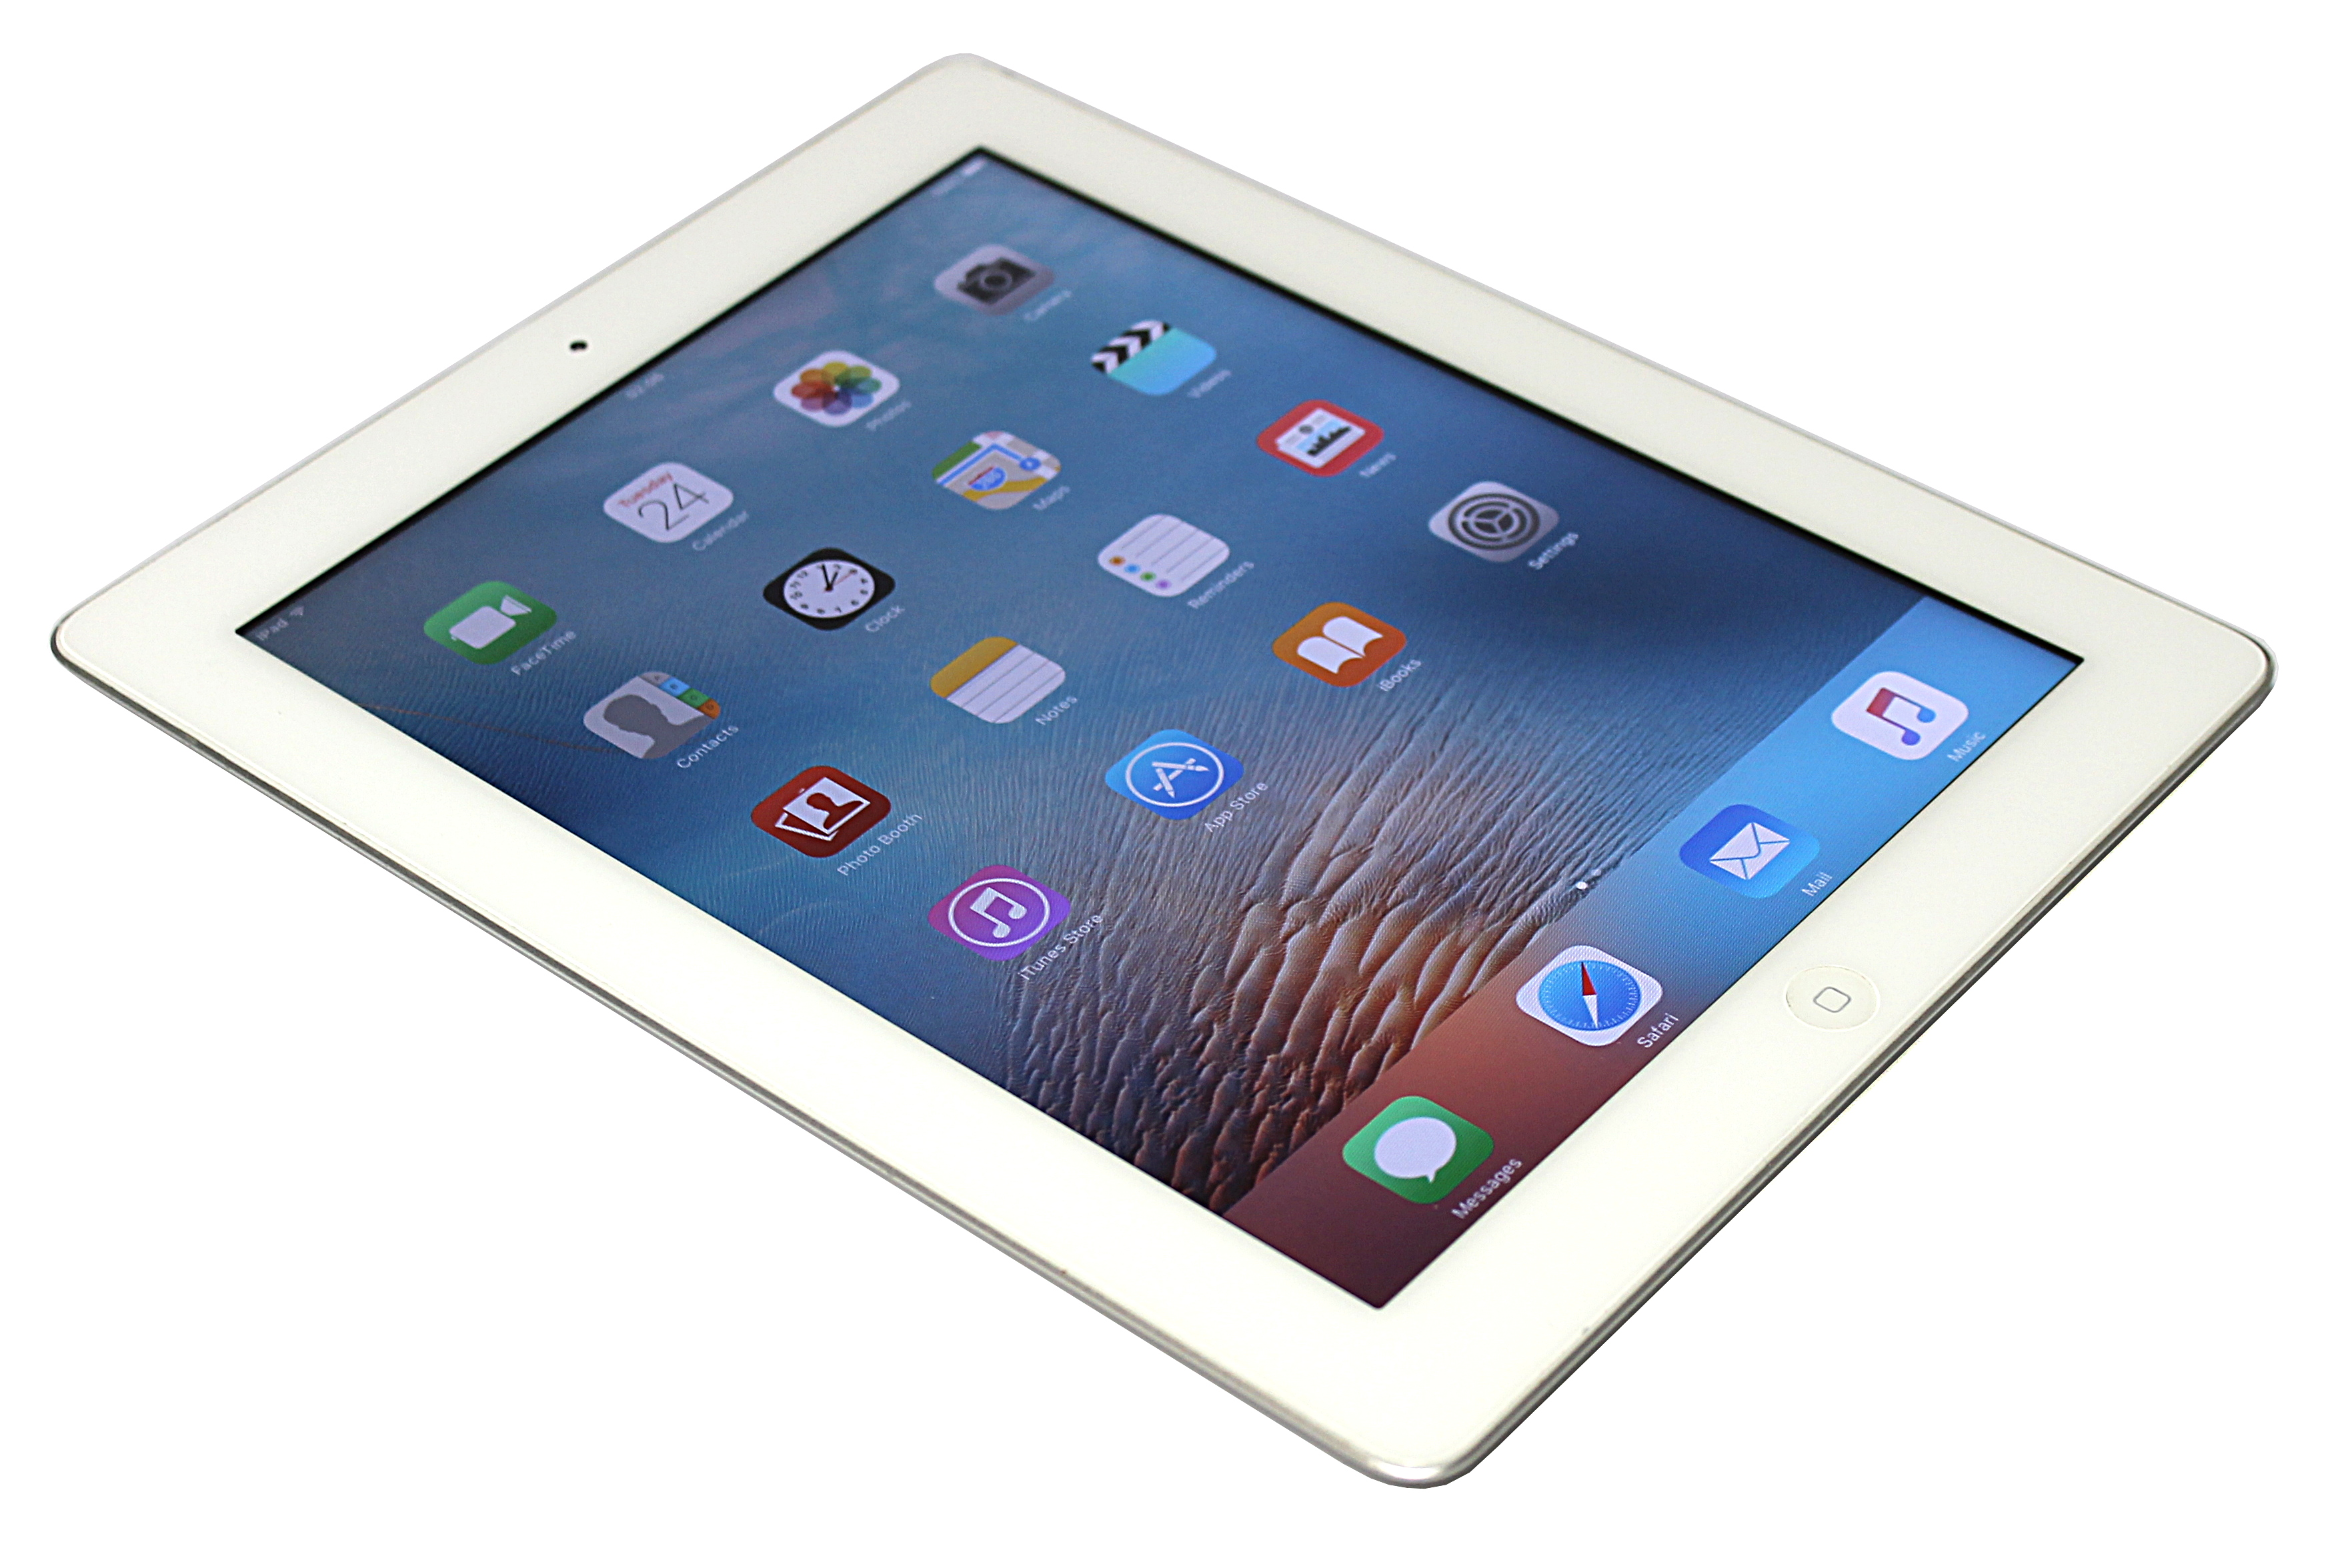 Apple iPad 2 A1395 - 16GB / WiFi / White / Refurbished